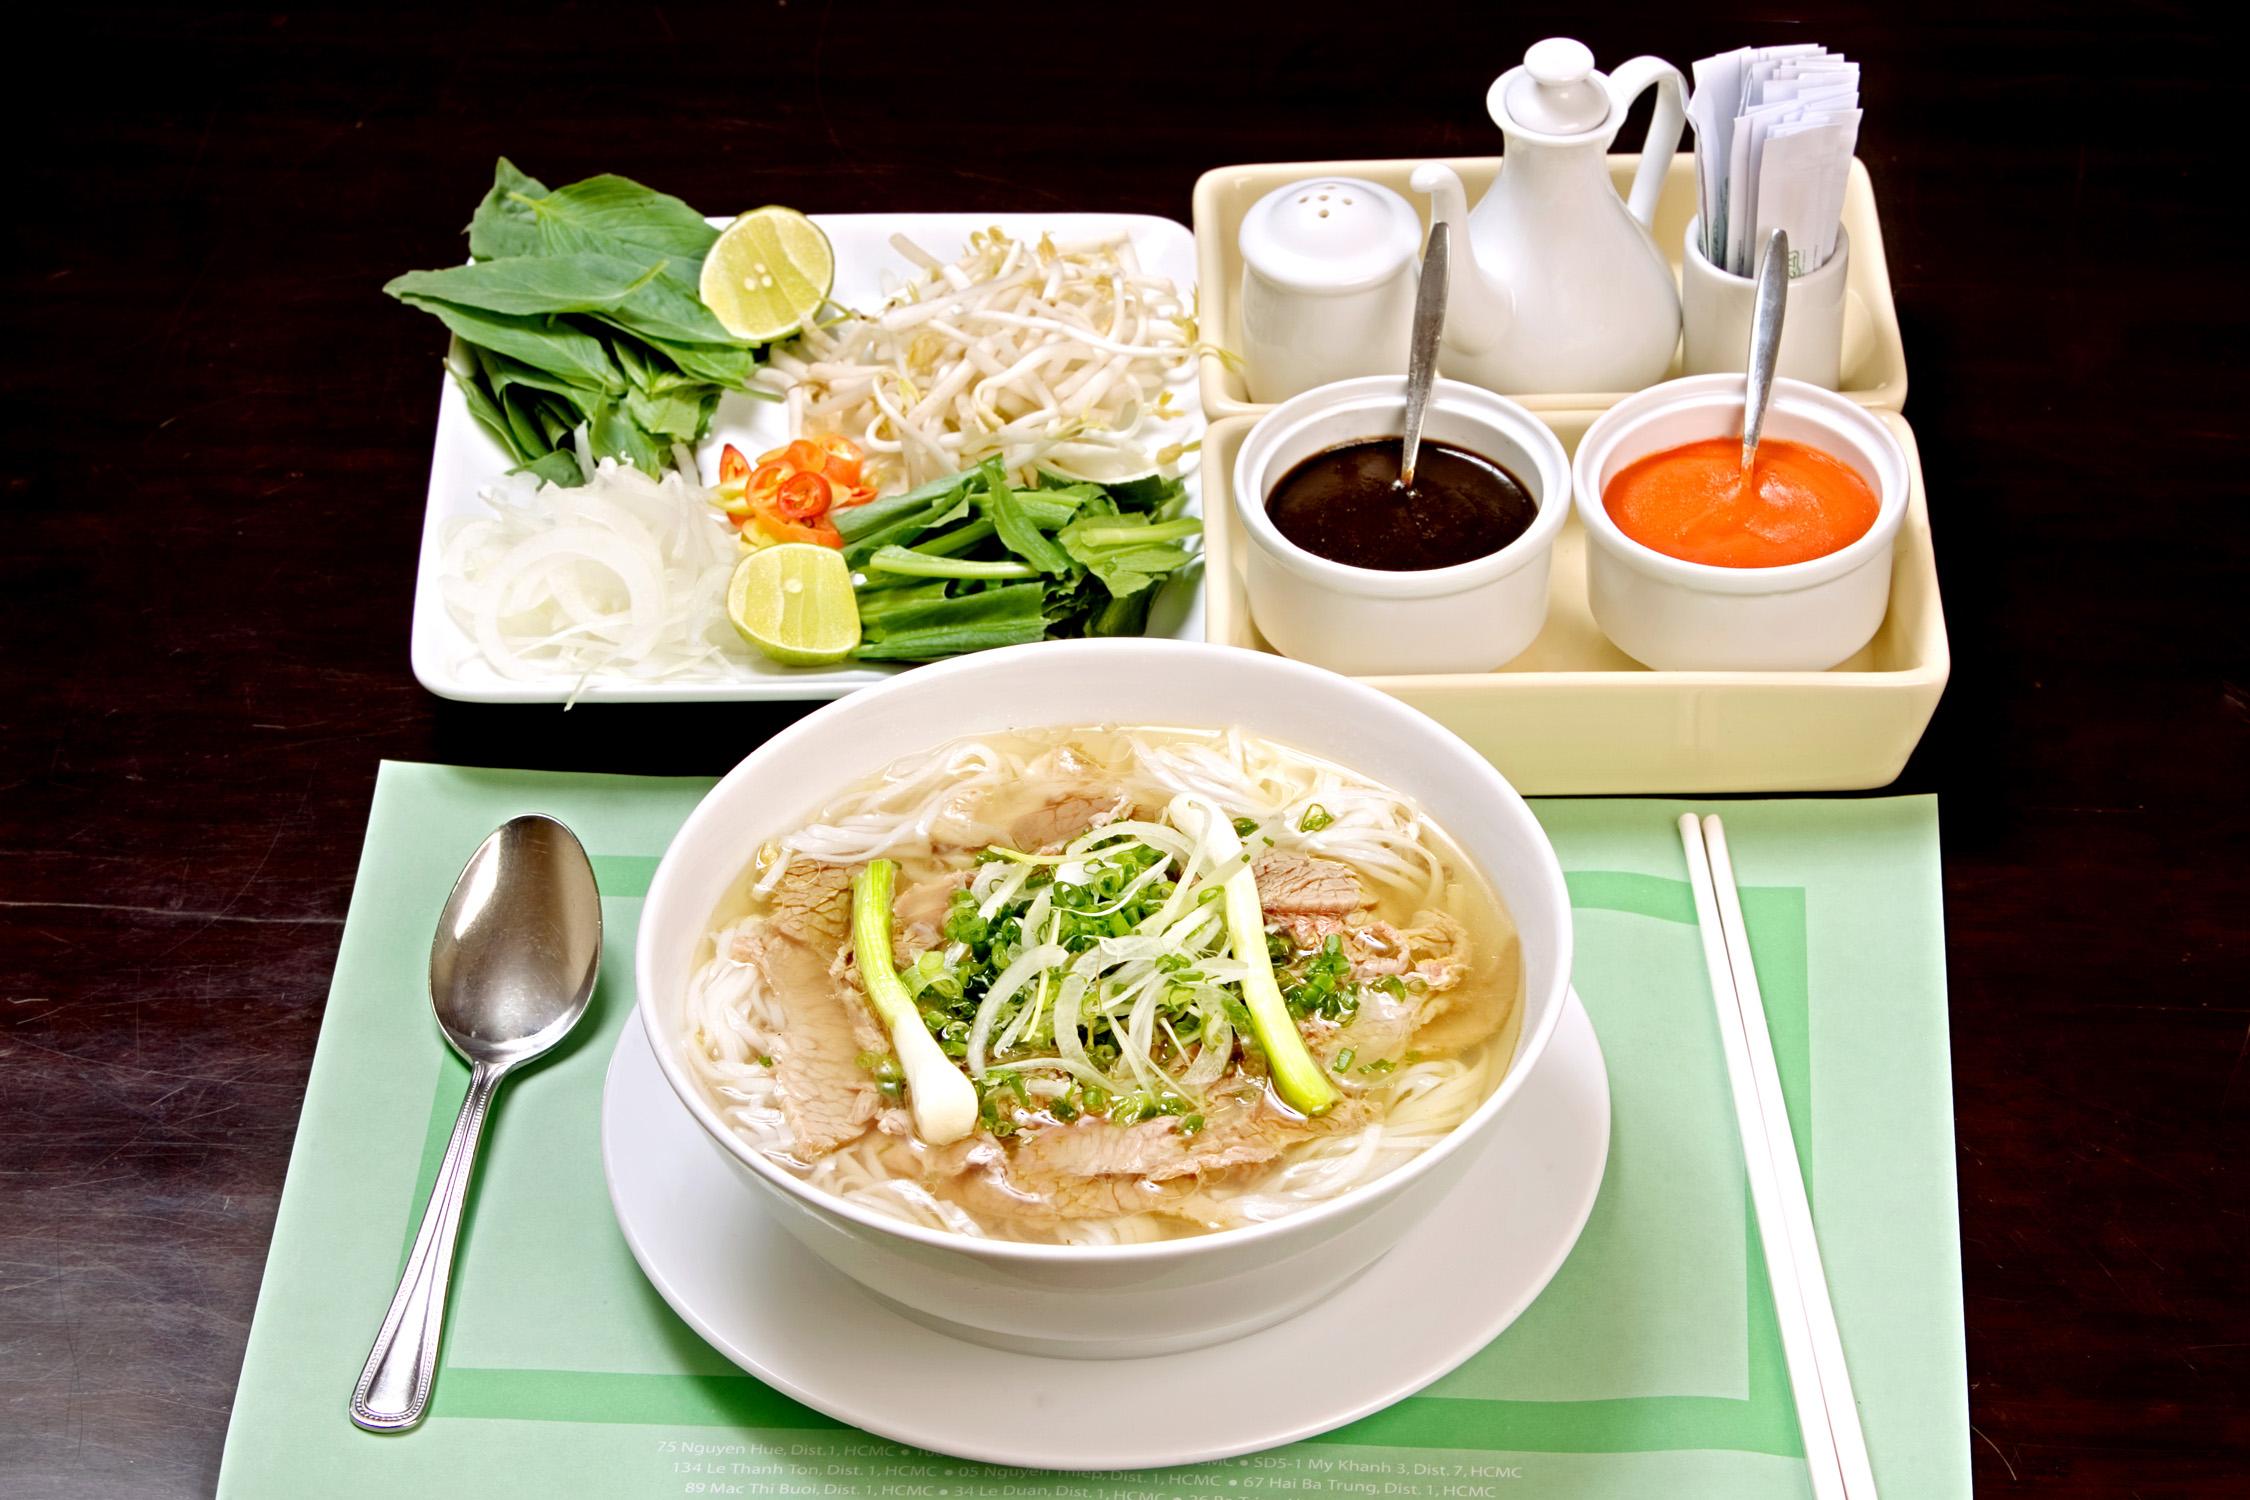 Phở và gỏi cuốn Việt Nam lọt vào top 50 món ăn ngon nhất thế giới do CNN bình chọn - Ảnh 1.